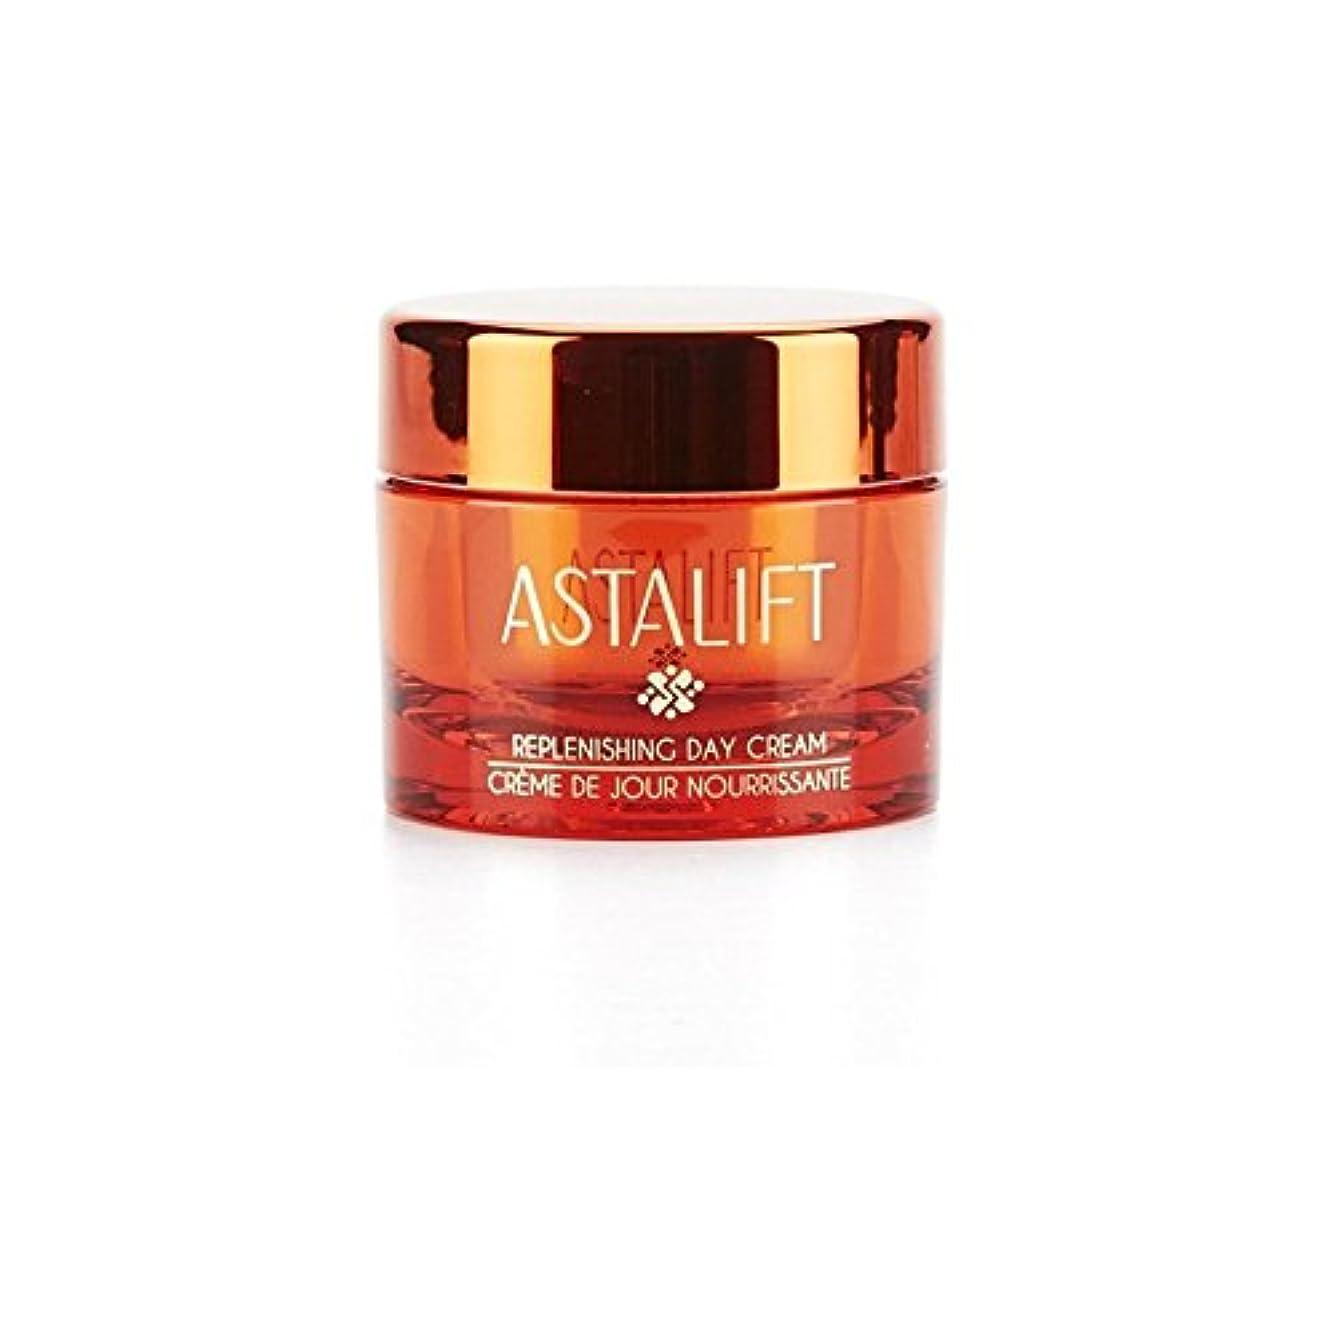 生き返らせるハプニング厚さAstalift Replenishing Day Cream (30G) - アスタリフト補充デイクリーム(30グラム) [並行輸入品]